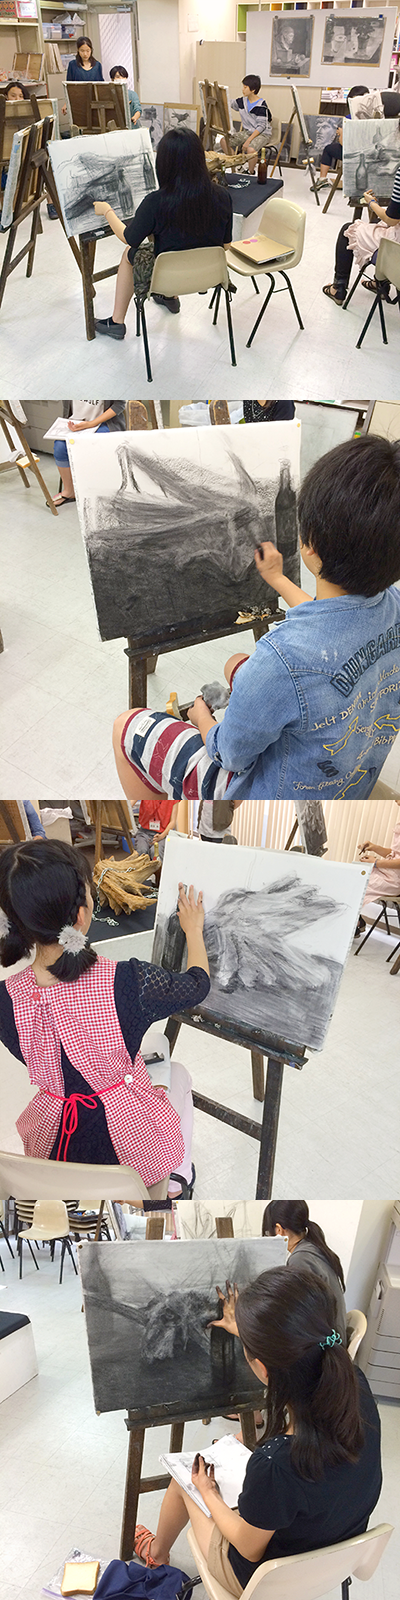 横浜美術学院の中学生教室 美術クラブ 手で描く!指で描く!「木炭デッサン」 制作風景